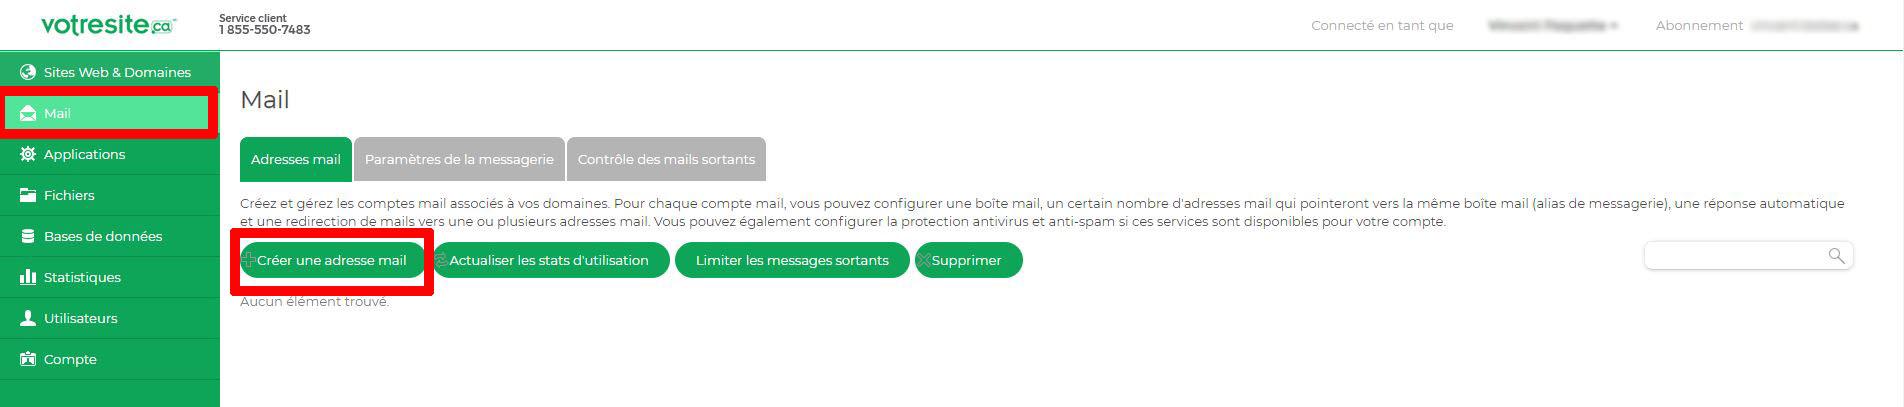 Gestion courriel votresite